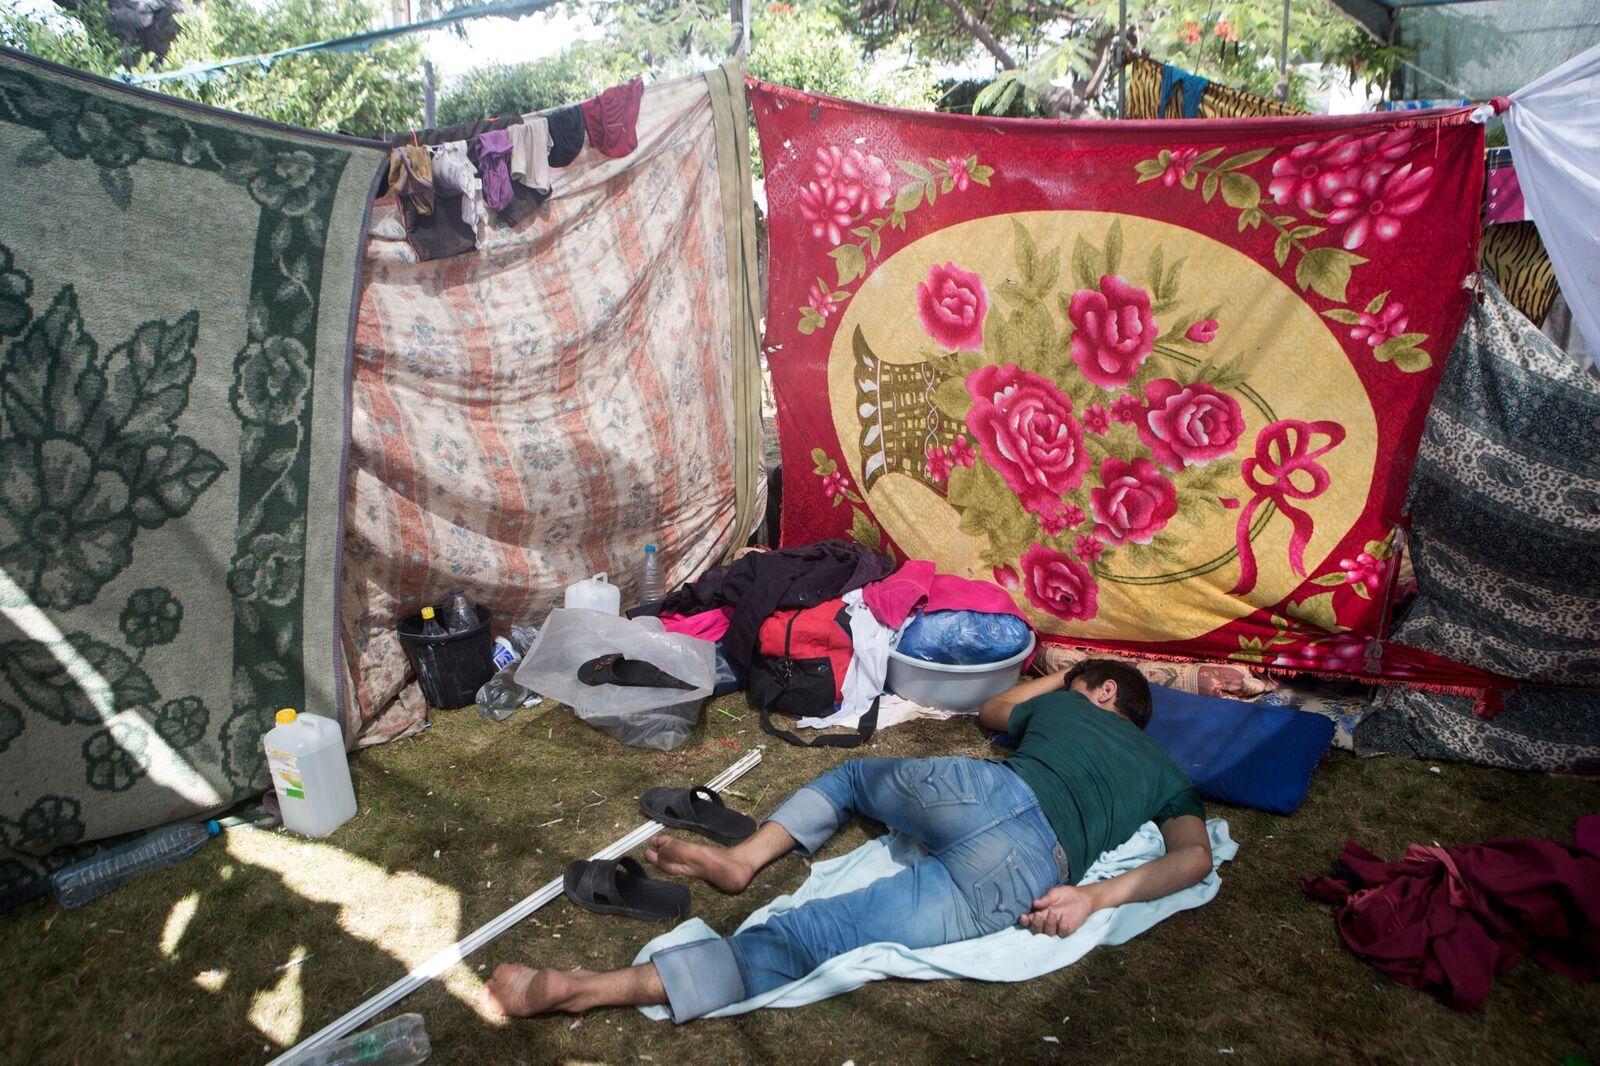 Als die Schulen voll sind, die die UN als vorübergehende Unterkünfte vorschlug, schlafen viele Menschen, die aus Shuja'iyya geflohen sind, wochenlang im Garten des größten Krankenhauses des Gazastreifens.